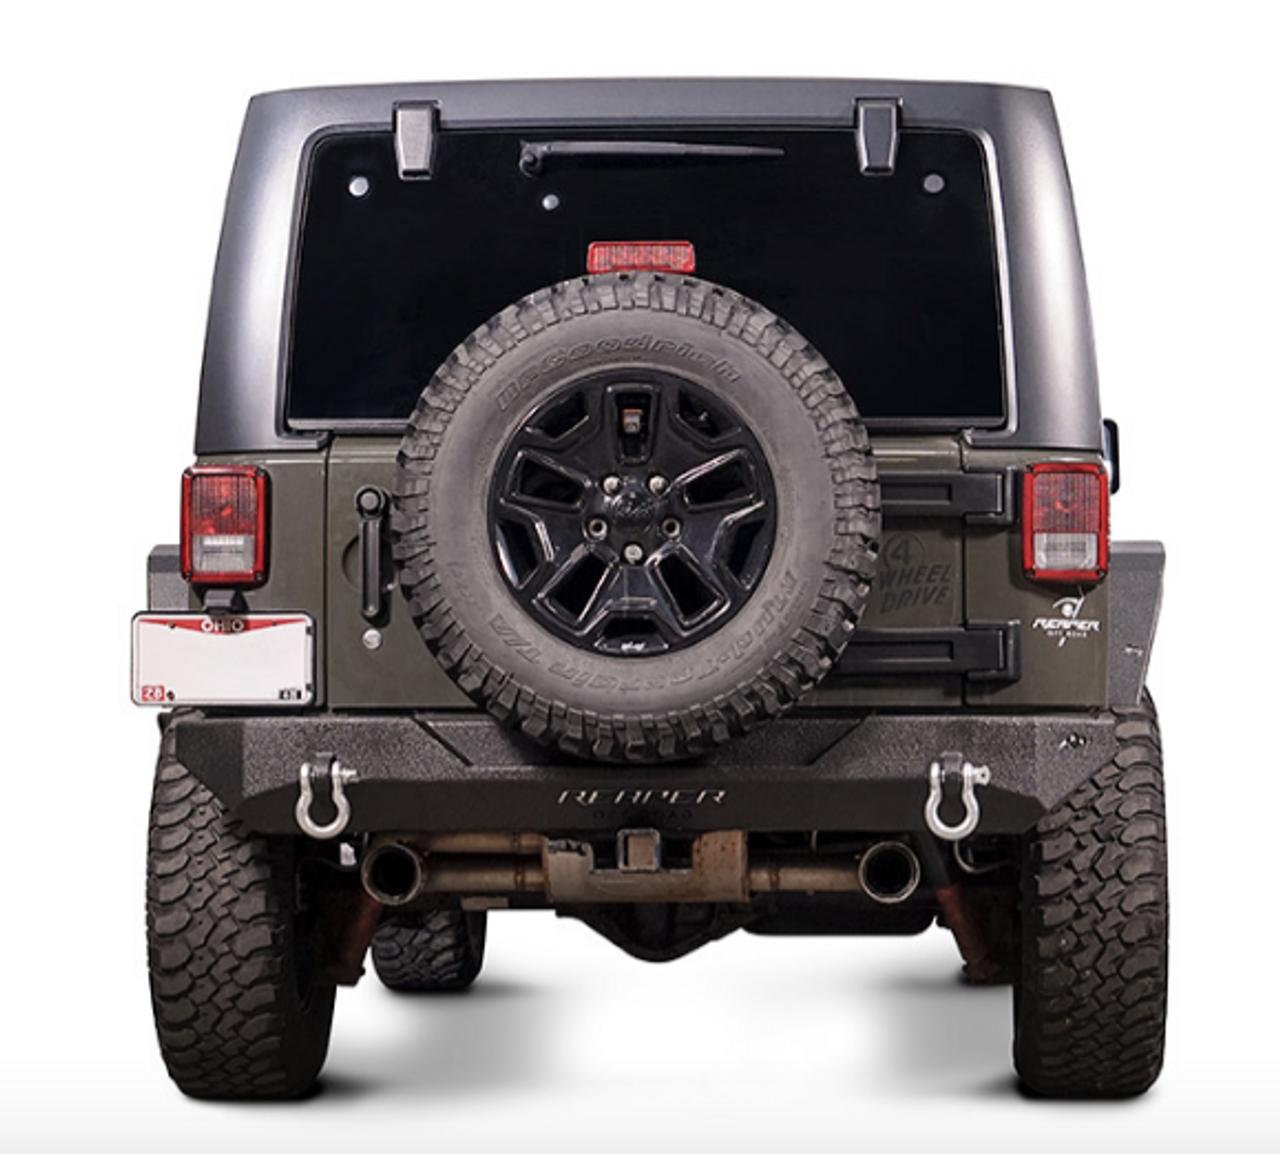 Reaper Off-Road JKRBX1A-B Immortal R4 Rear Bumper for Jeep Wrangler JK 2007-2018